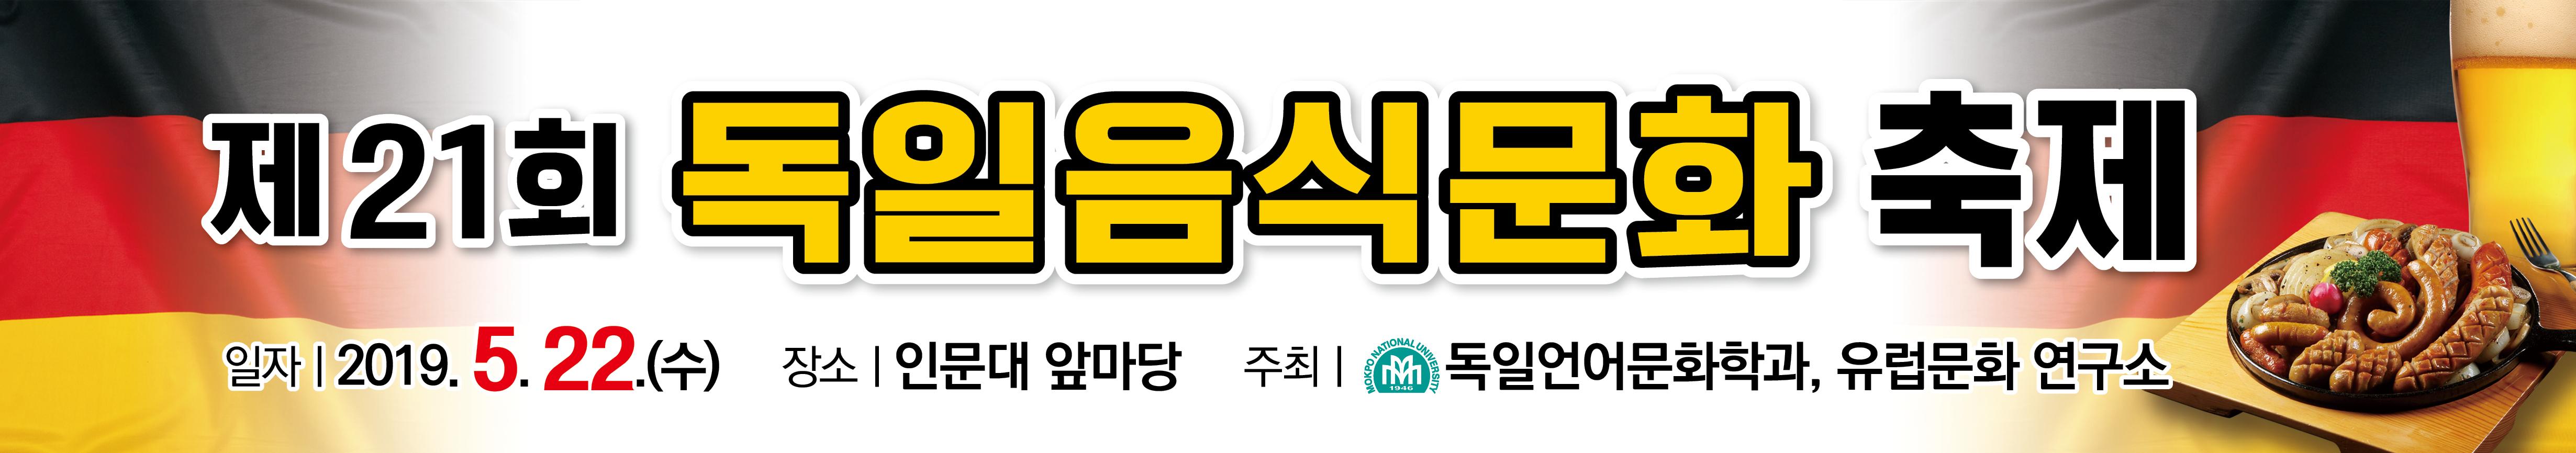 [21회 음식문화축제 개최]